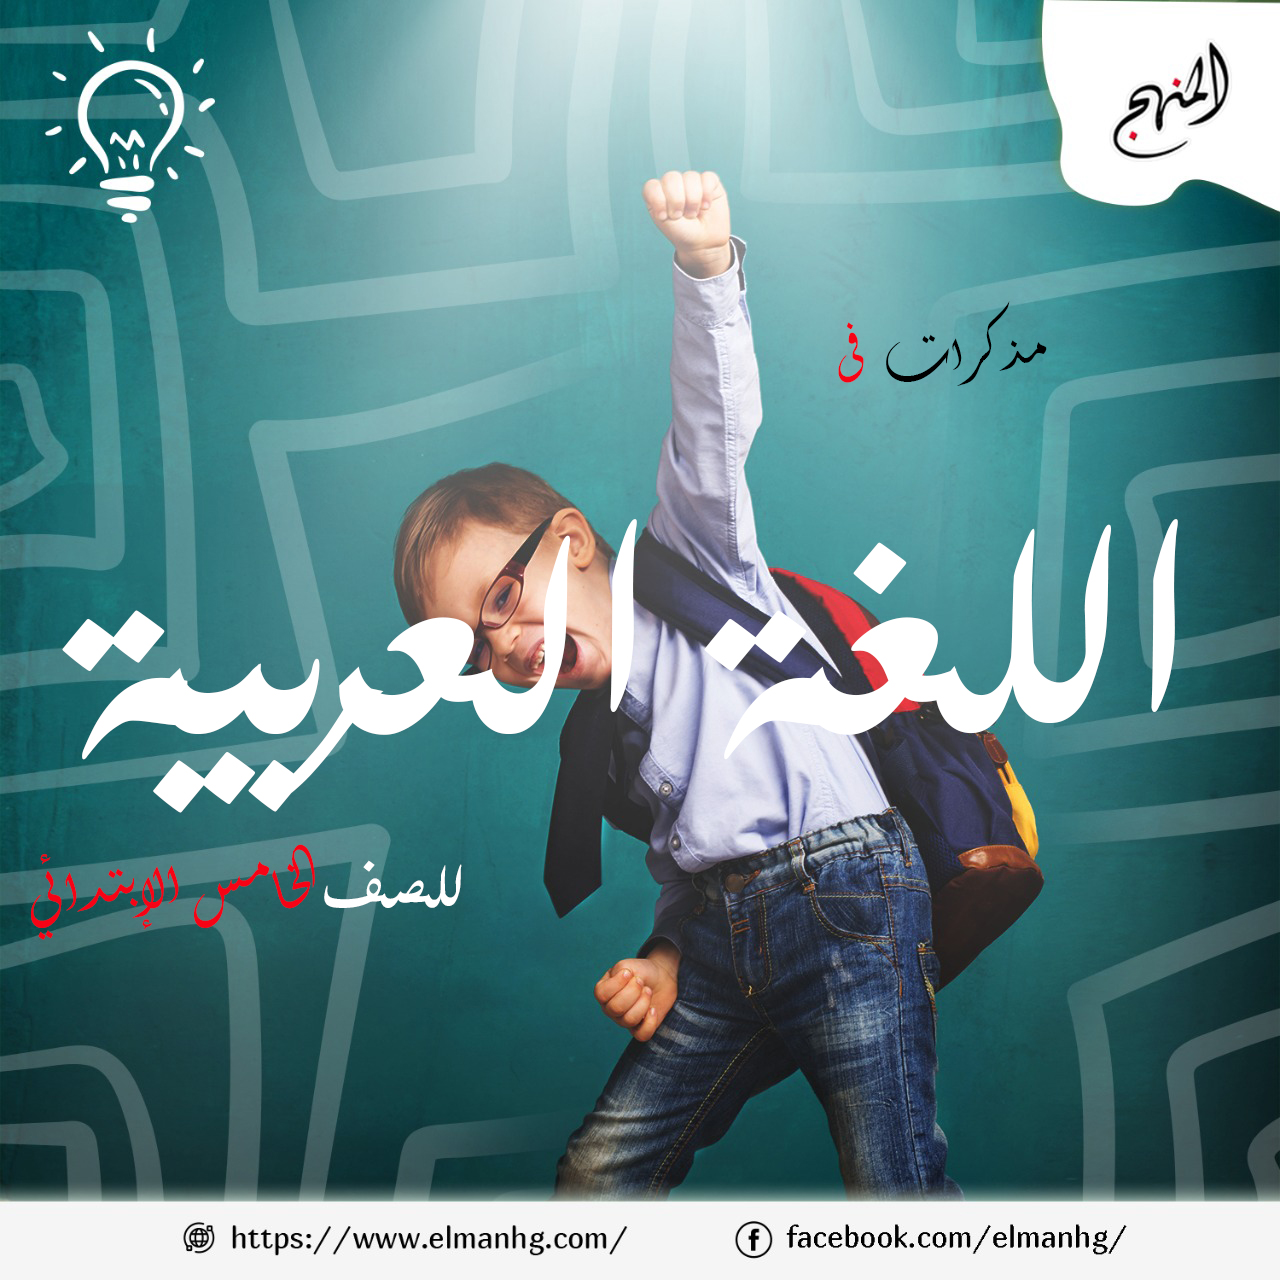 مراجعة لغة عربية ممتازة للصف الخامس الإبتدائي تيرم اول 2021